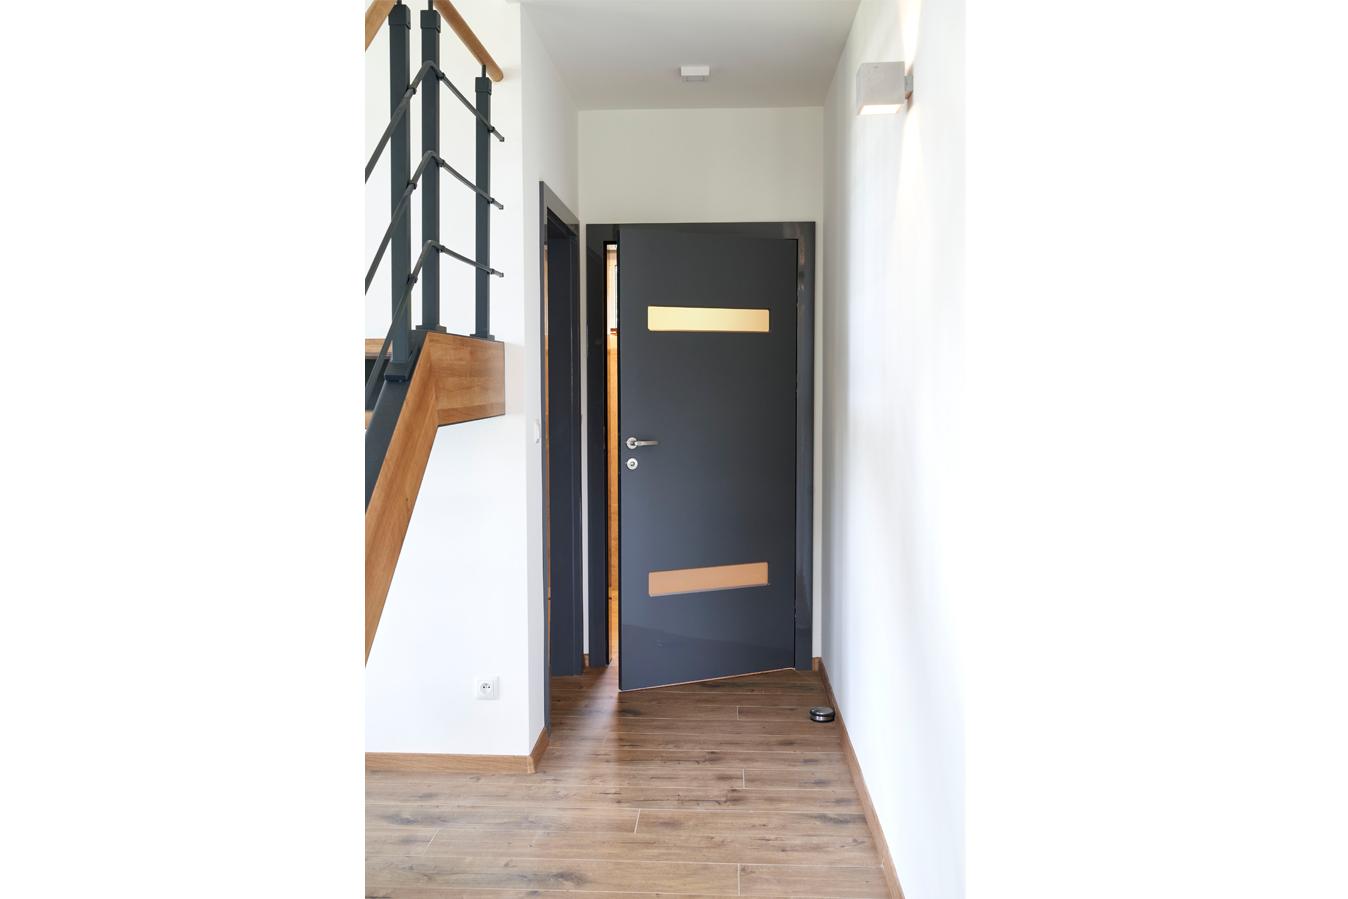 drzwi wewnętrzne BOLZANO dark grey GLOSSA małe